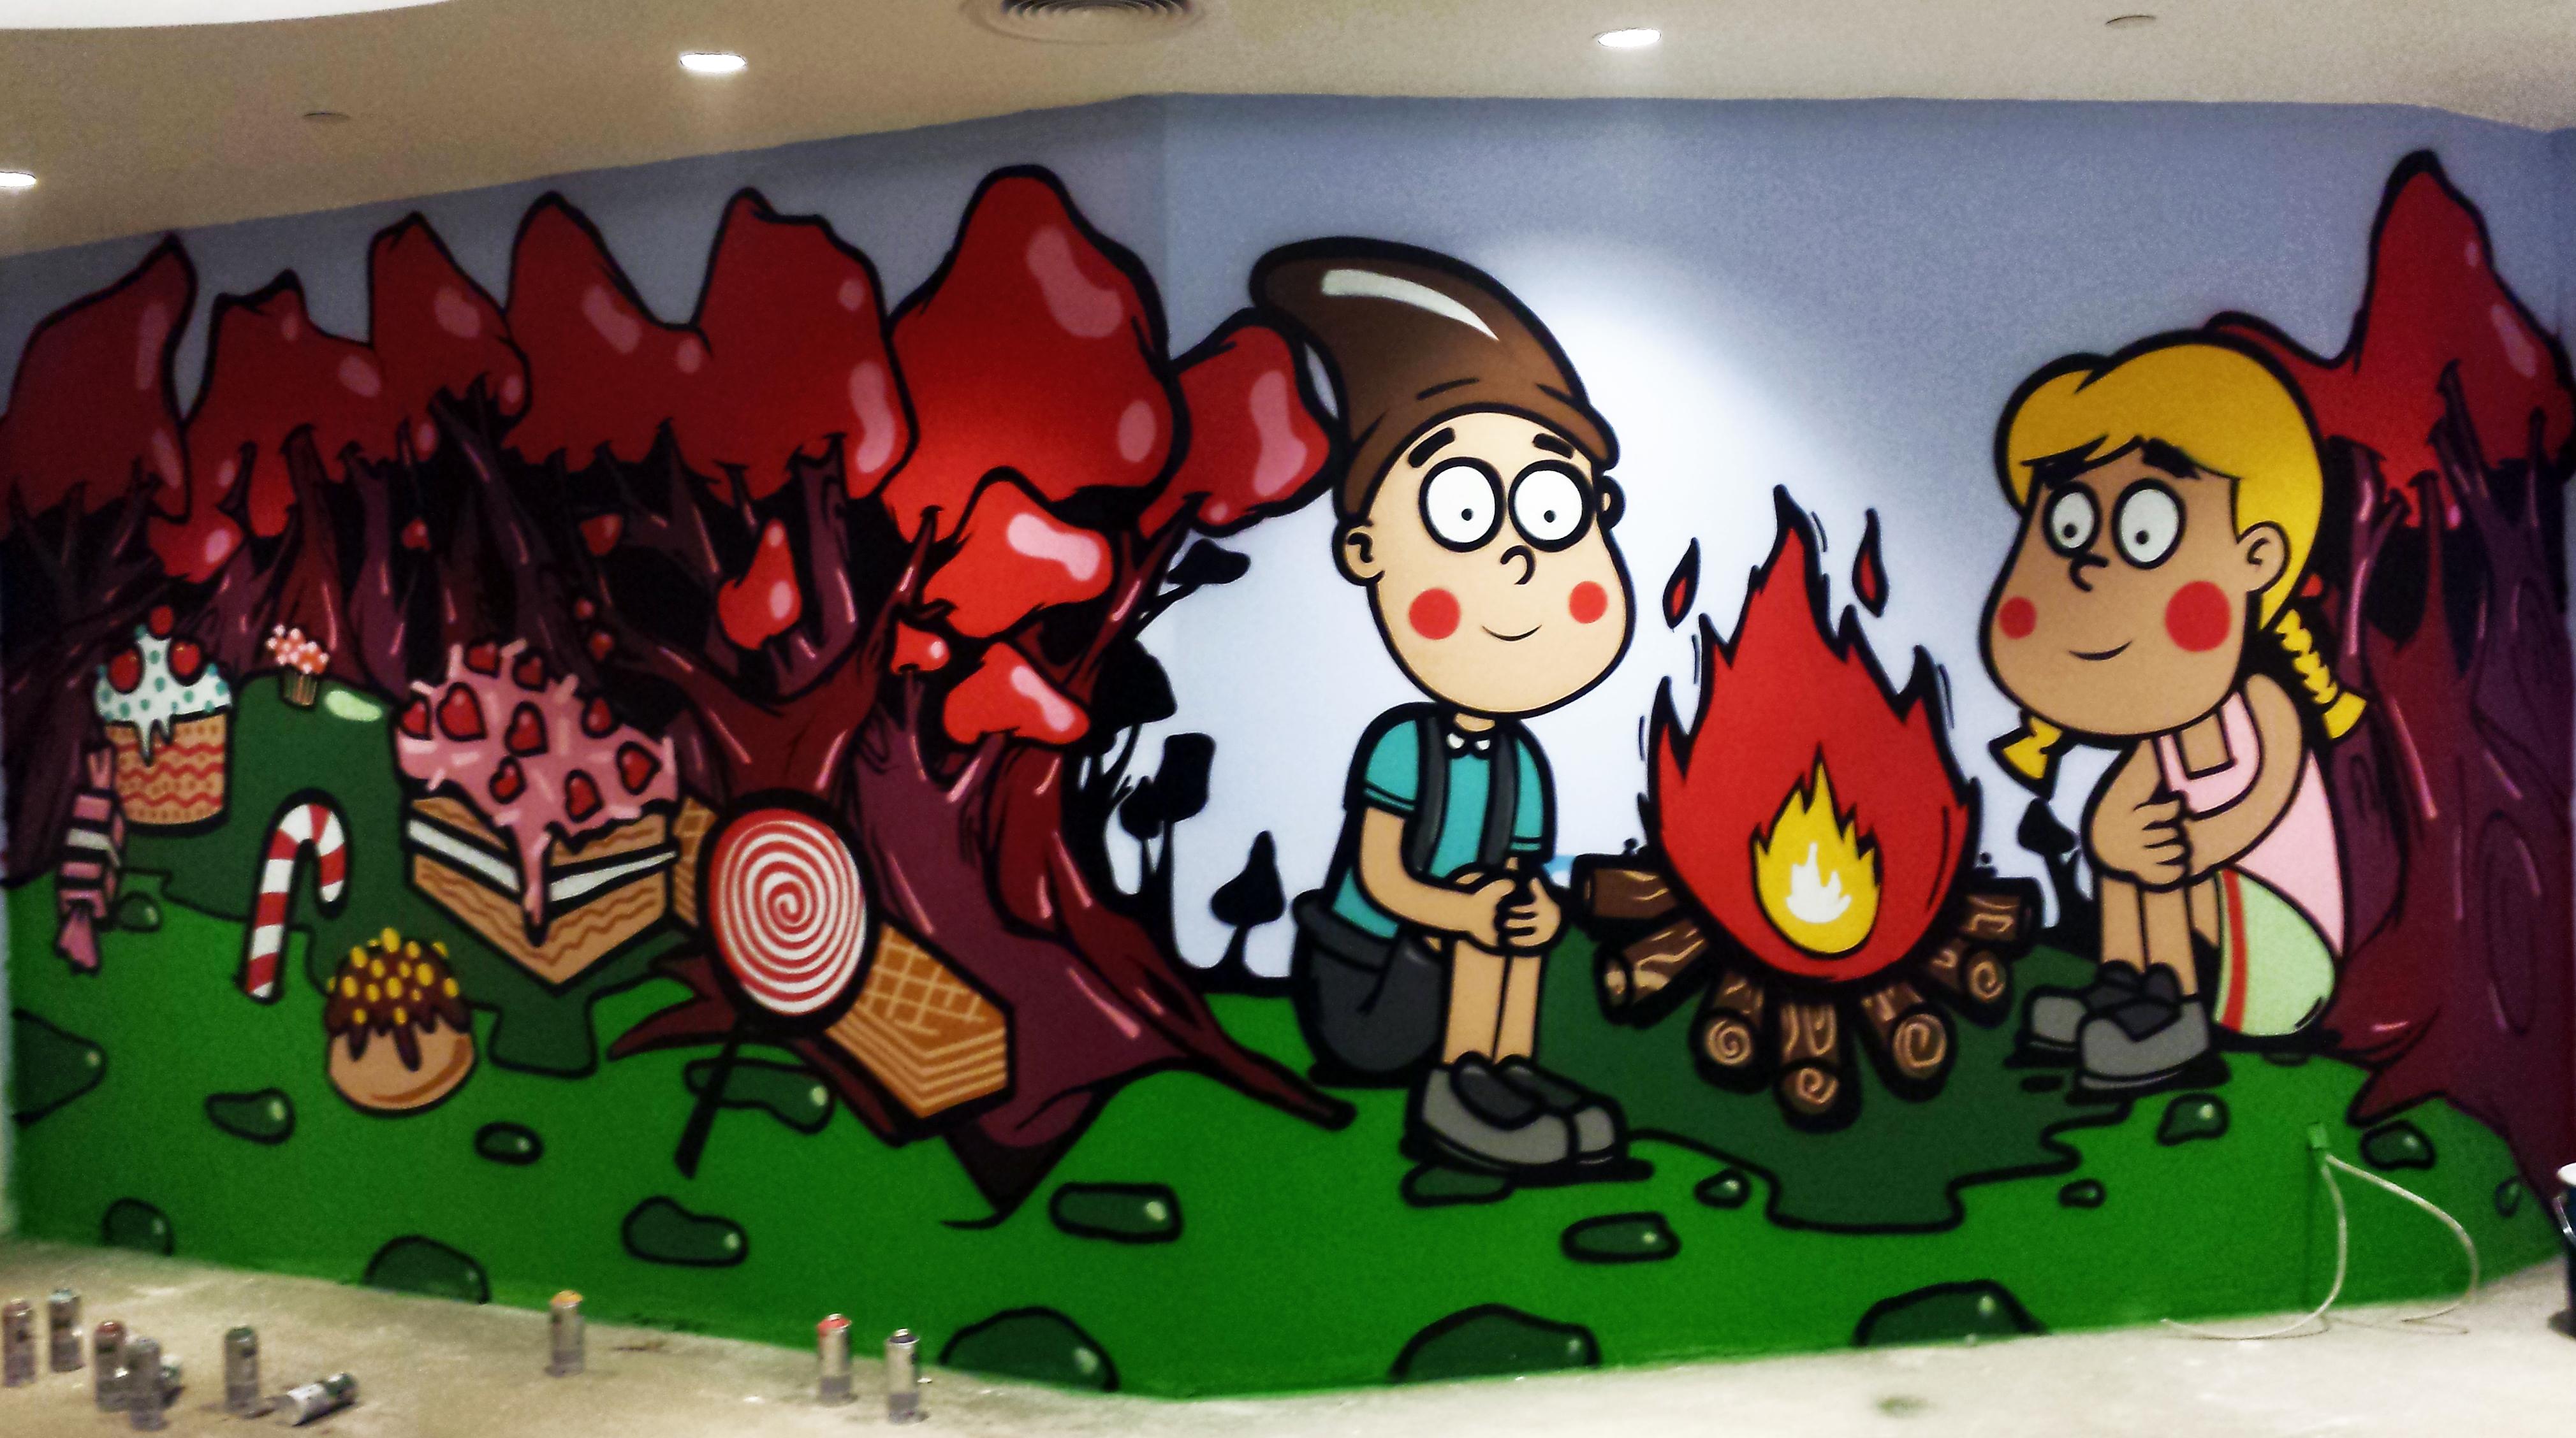 Sueno_hotel_turk_graffiti_grafiti_8